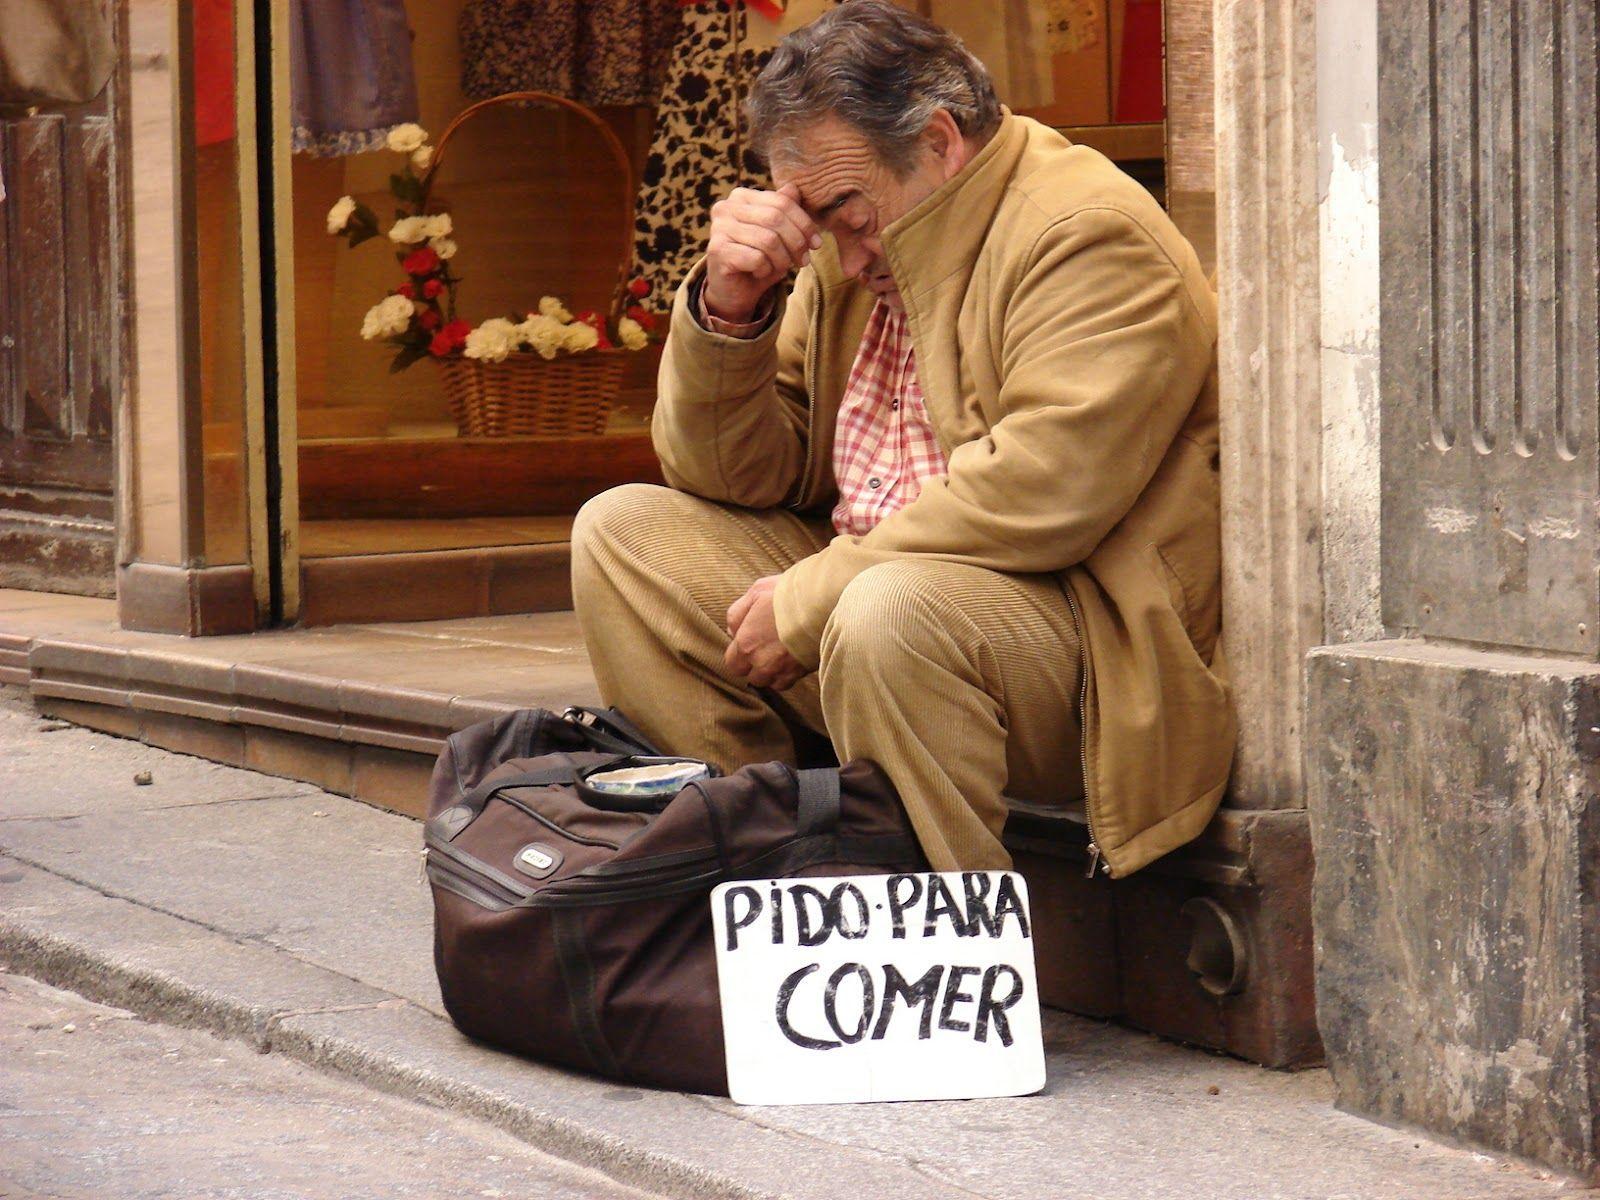 ¿Cual crees que ha sido la mayor causa de esta crisis en España? (pues aquí nos ha afectado más)